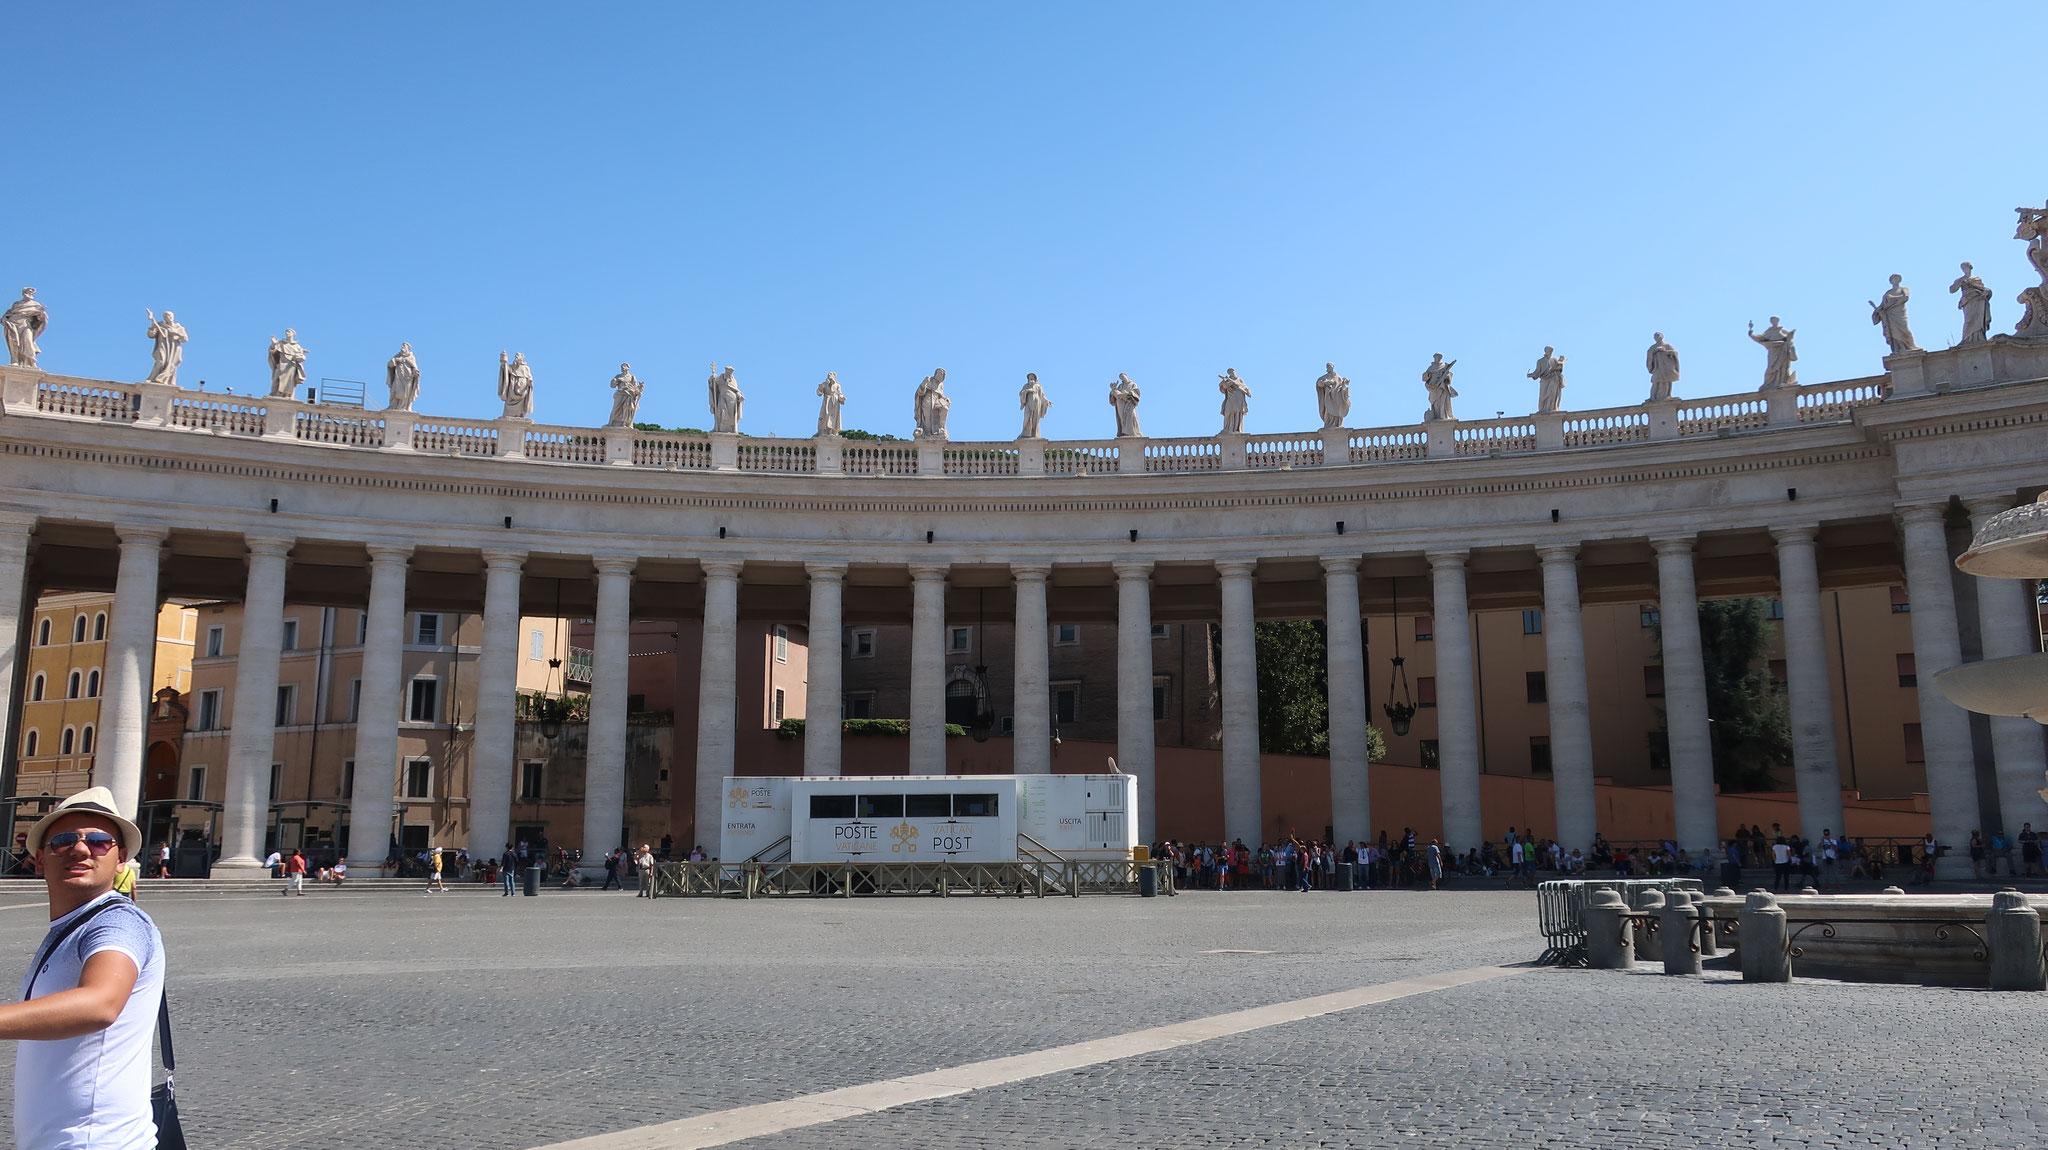 バロックの巨匠べルニーニが設計。140人の歴代法王と聖人像(高さ3.2m)が立ちます。